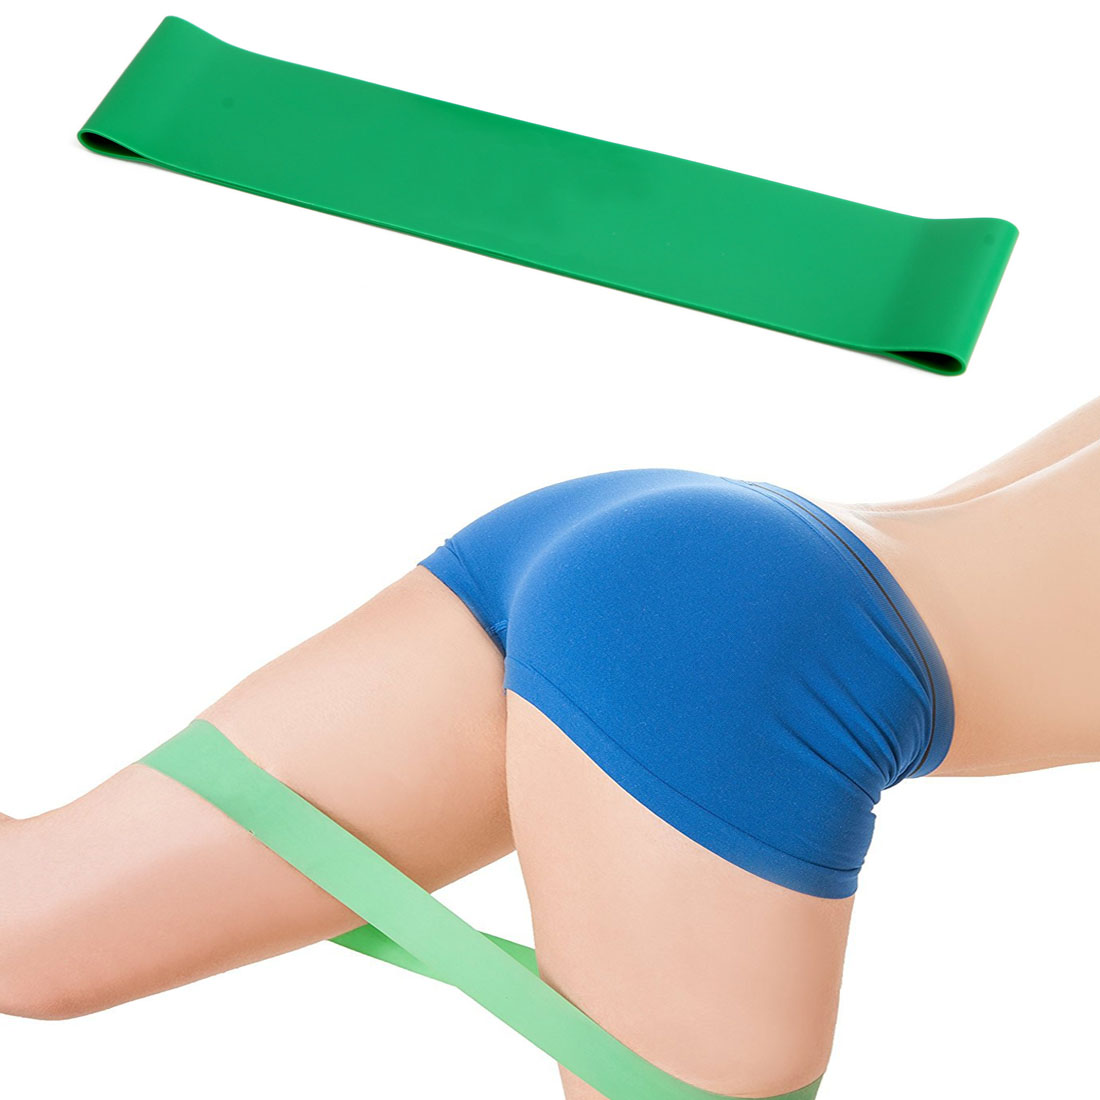 Weerstand Yoga Band Elastische spieren Fitness Training Pilates Bands - Fitness en bodybuilding